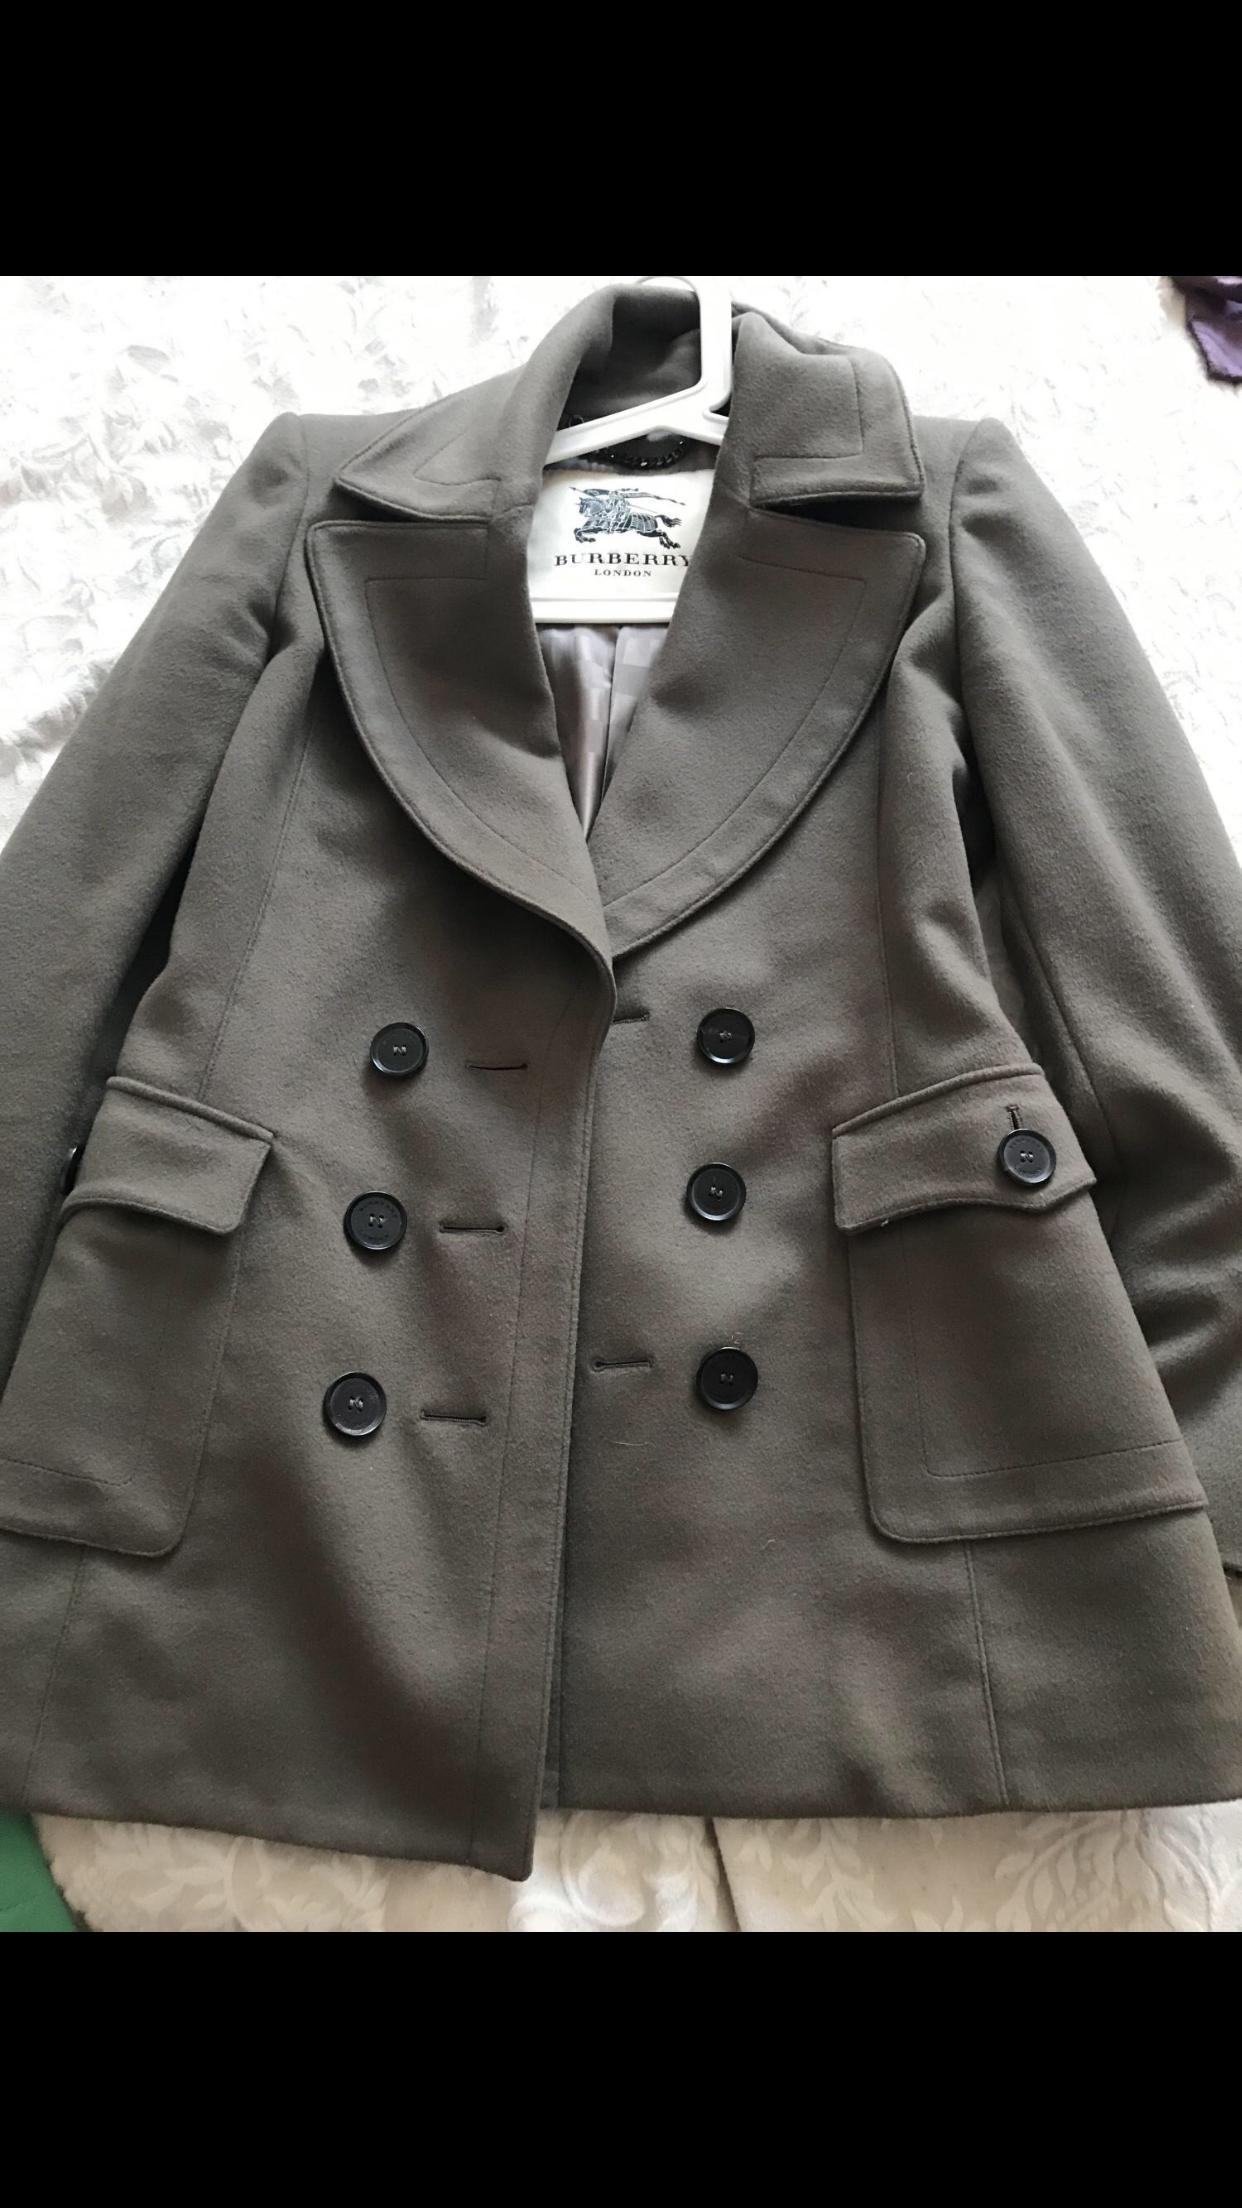 8de85169c081 Купить пальто Burberry за 25000 руб. в интернет магазине - бутике с ...